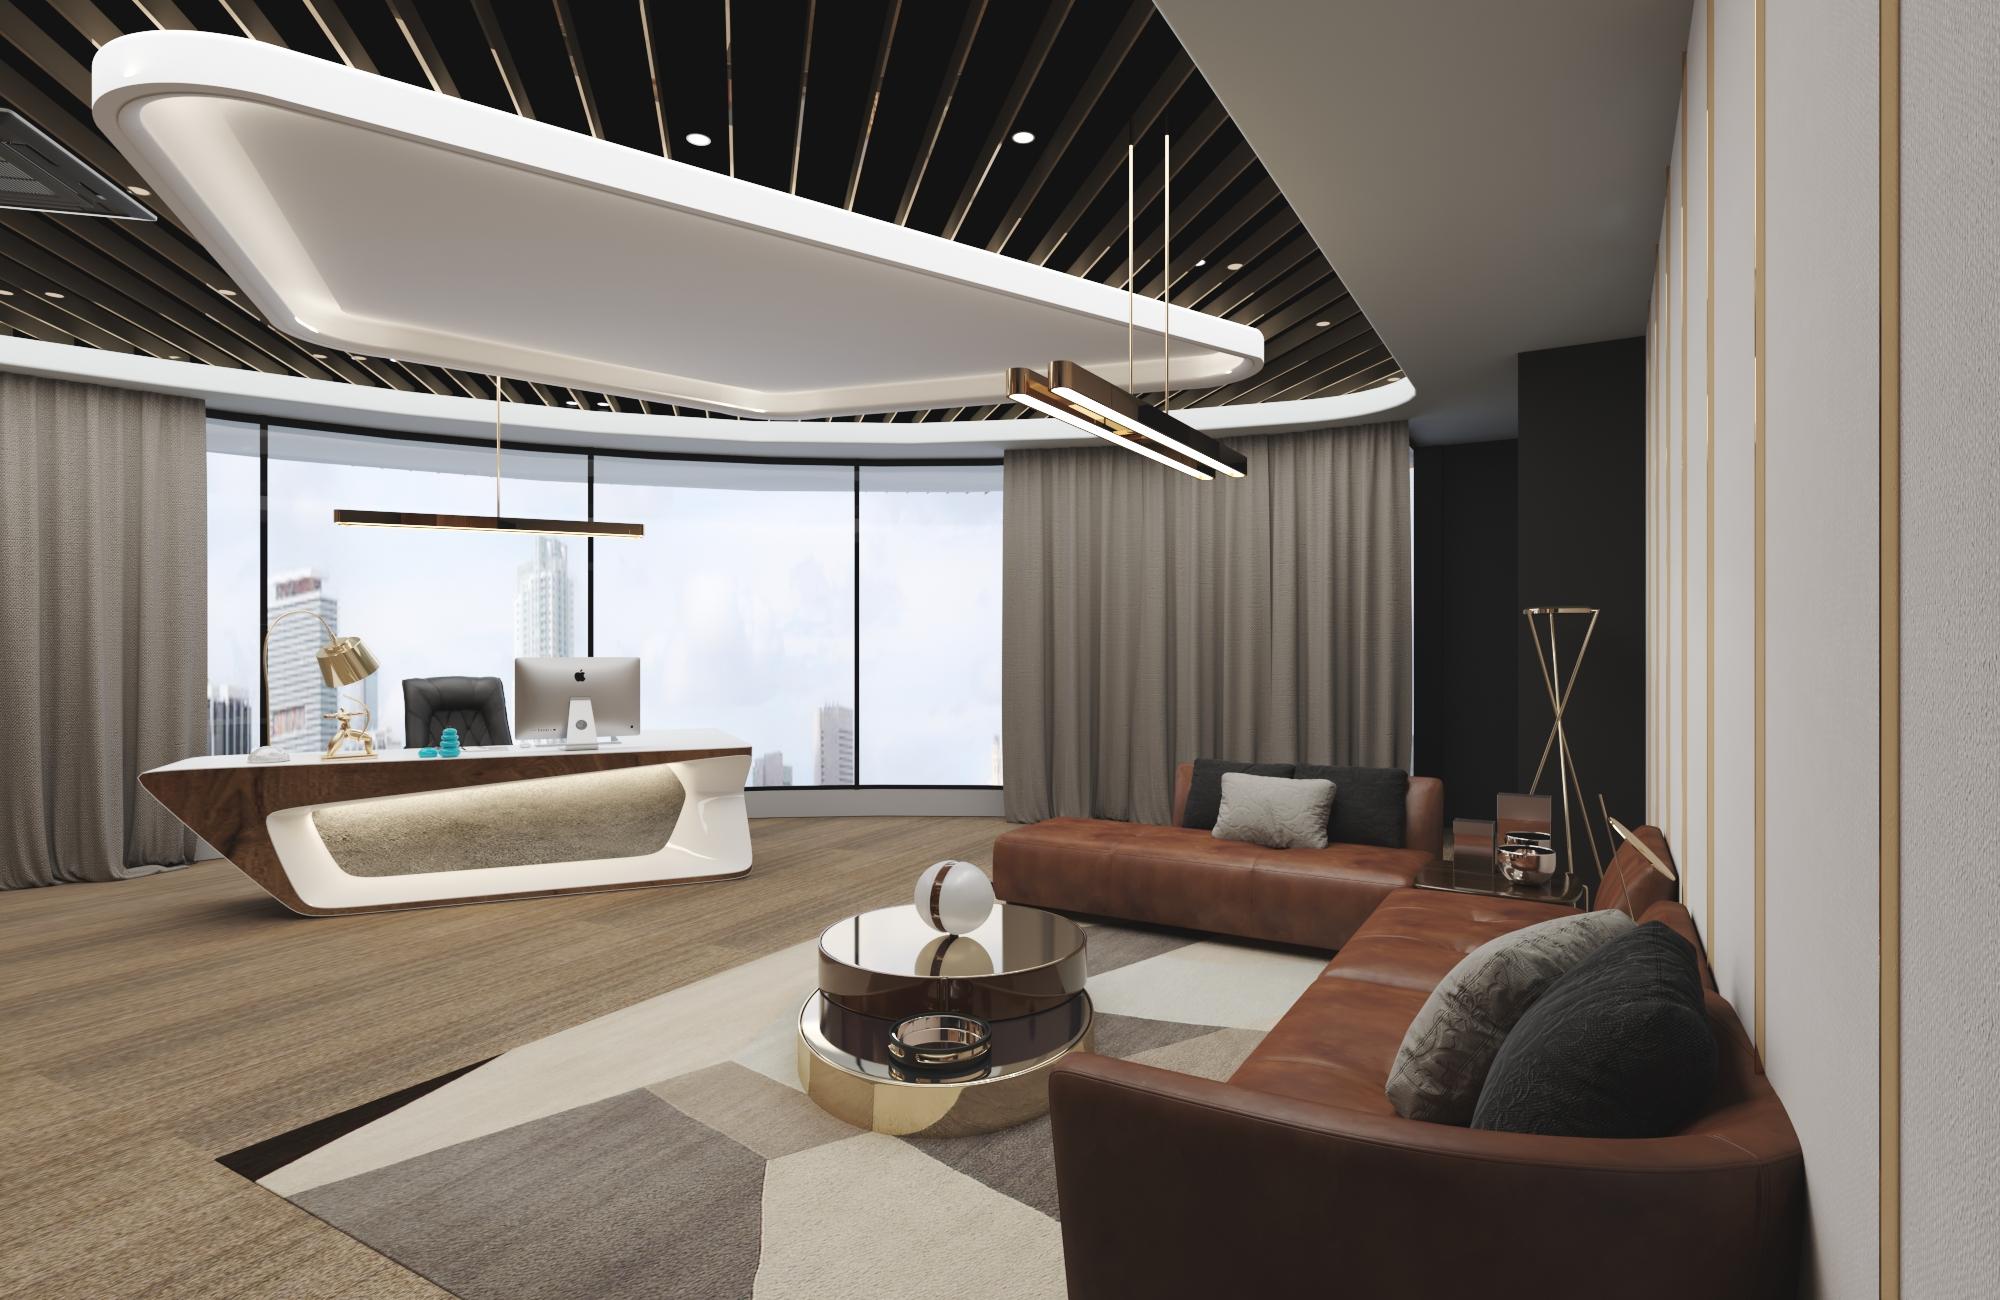 Thiết kế nội thất Văn Phòng tại Hồ Chí Minh VĂN PHÒNG CÔNG TY KIẾN TRÚC VÀ NỘI THẤT NHÀ XINH 1594800456 1